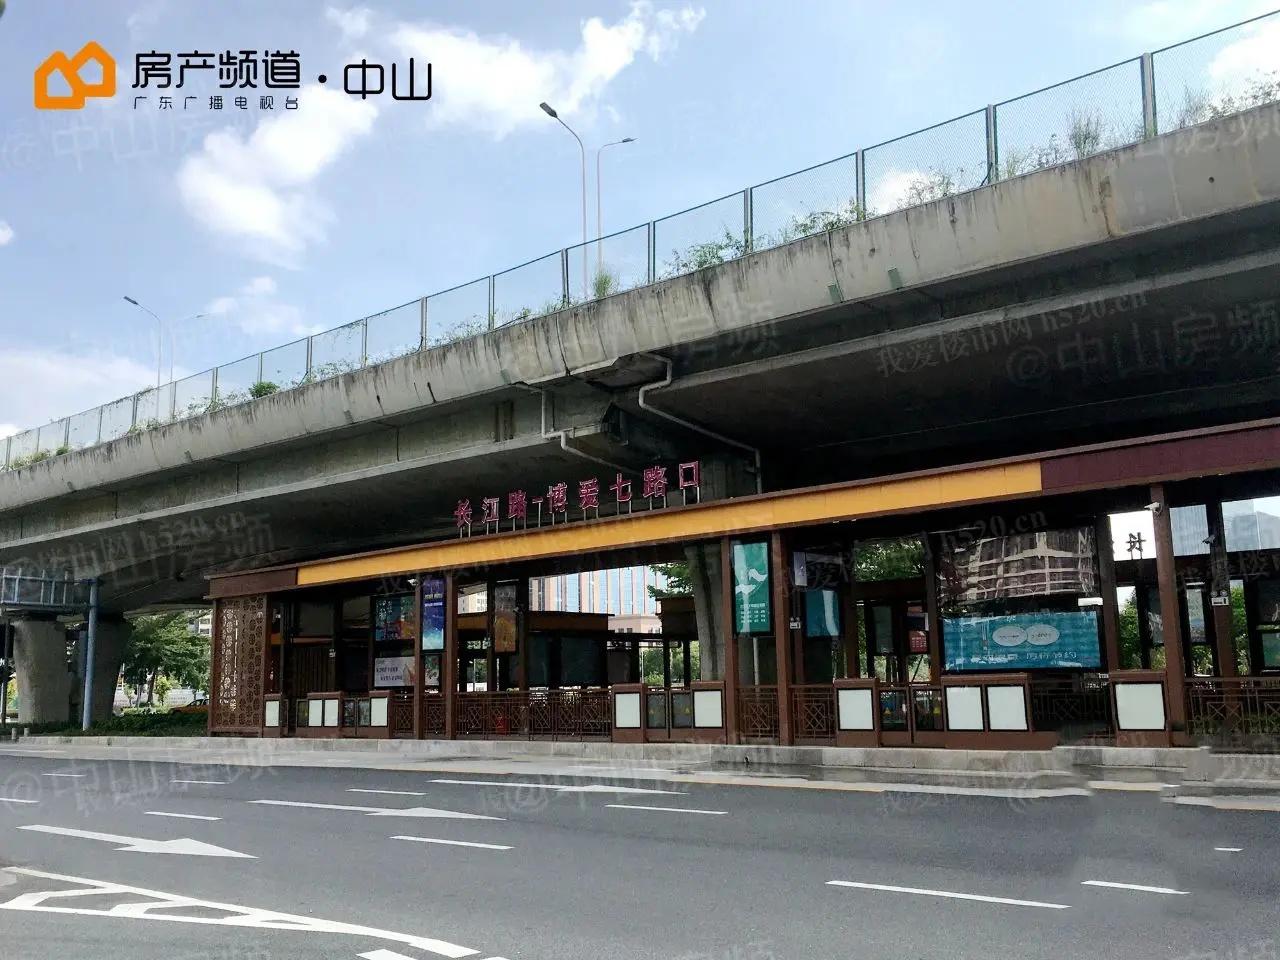 长江路-博爱七路交叉口